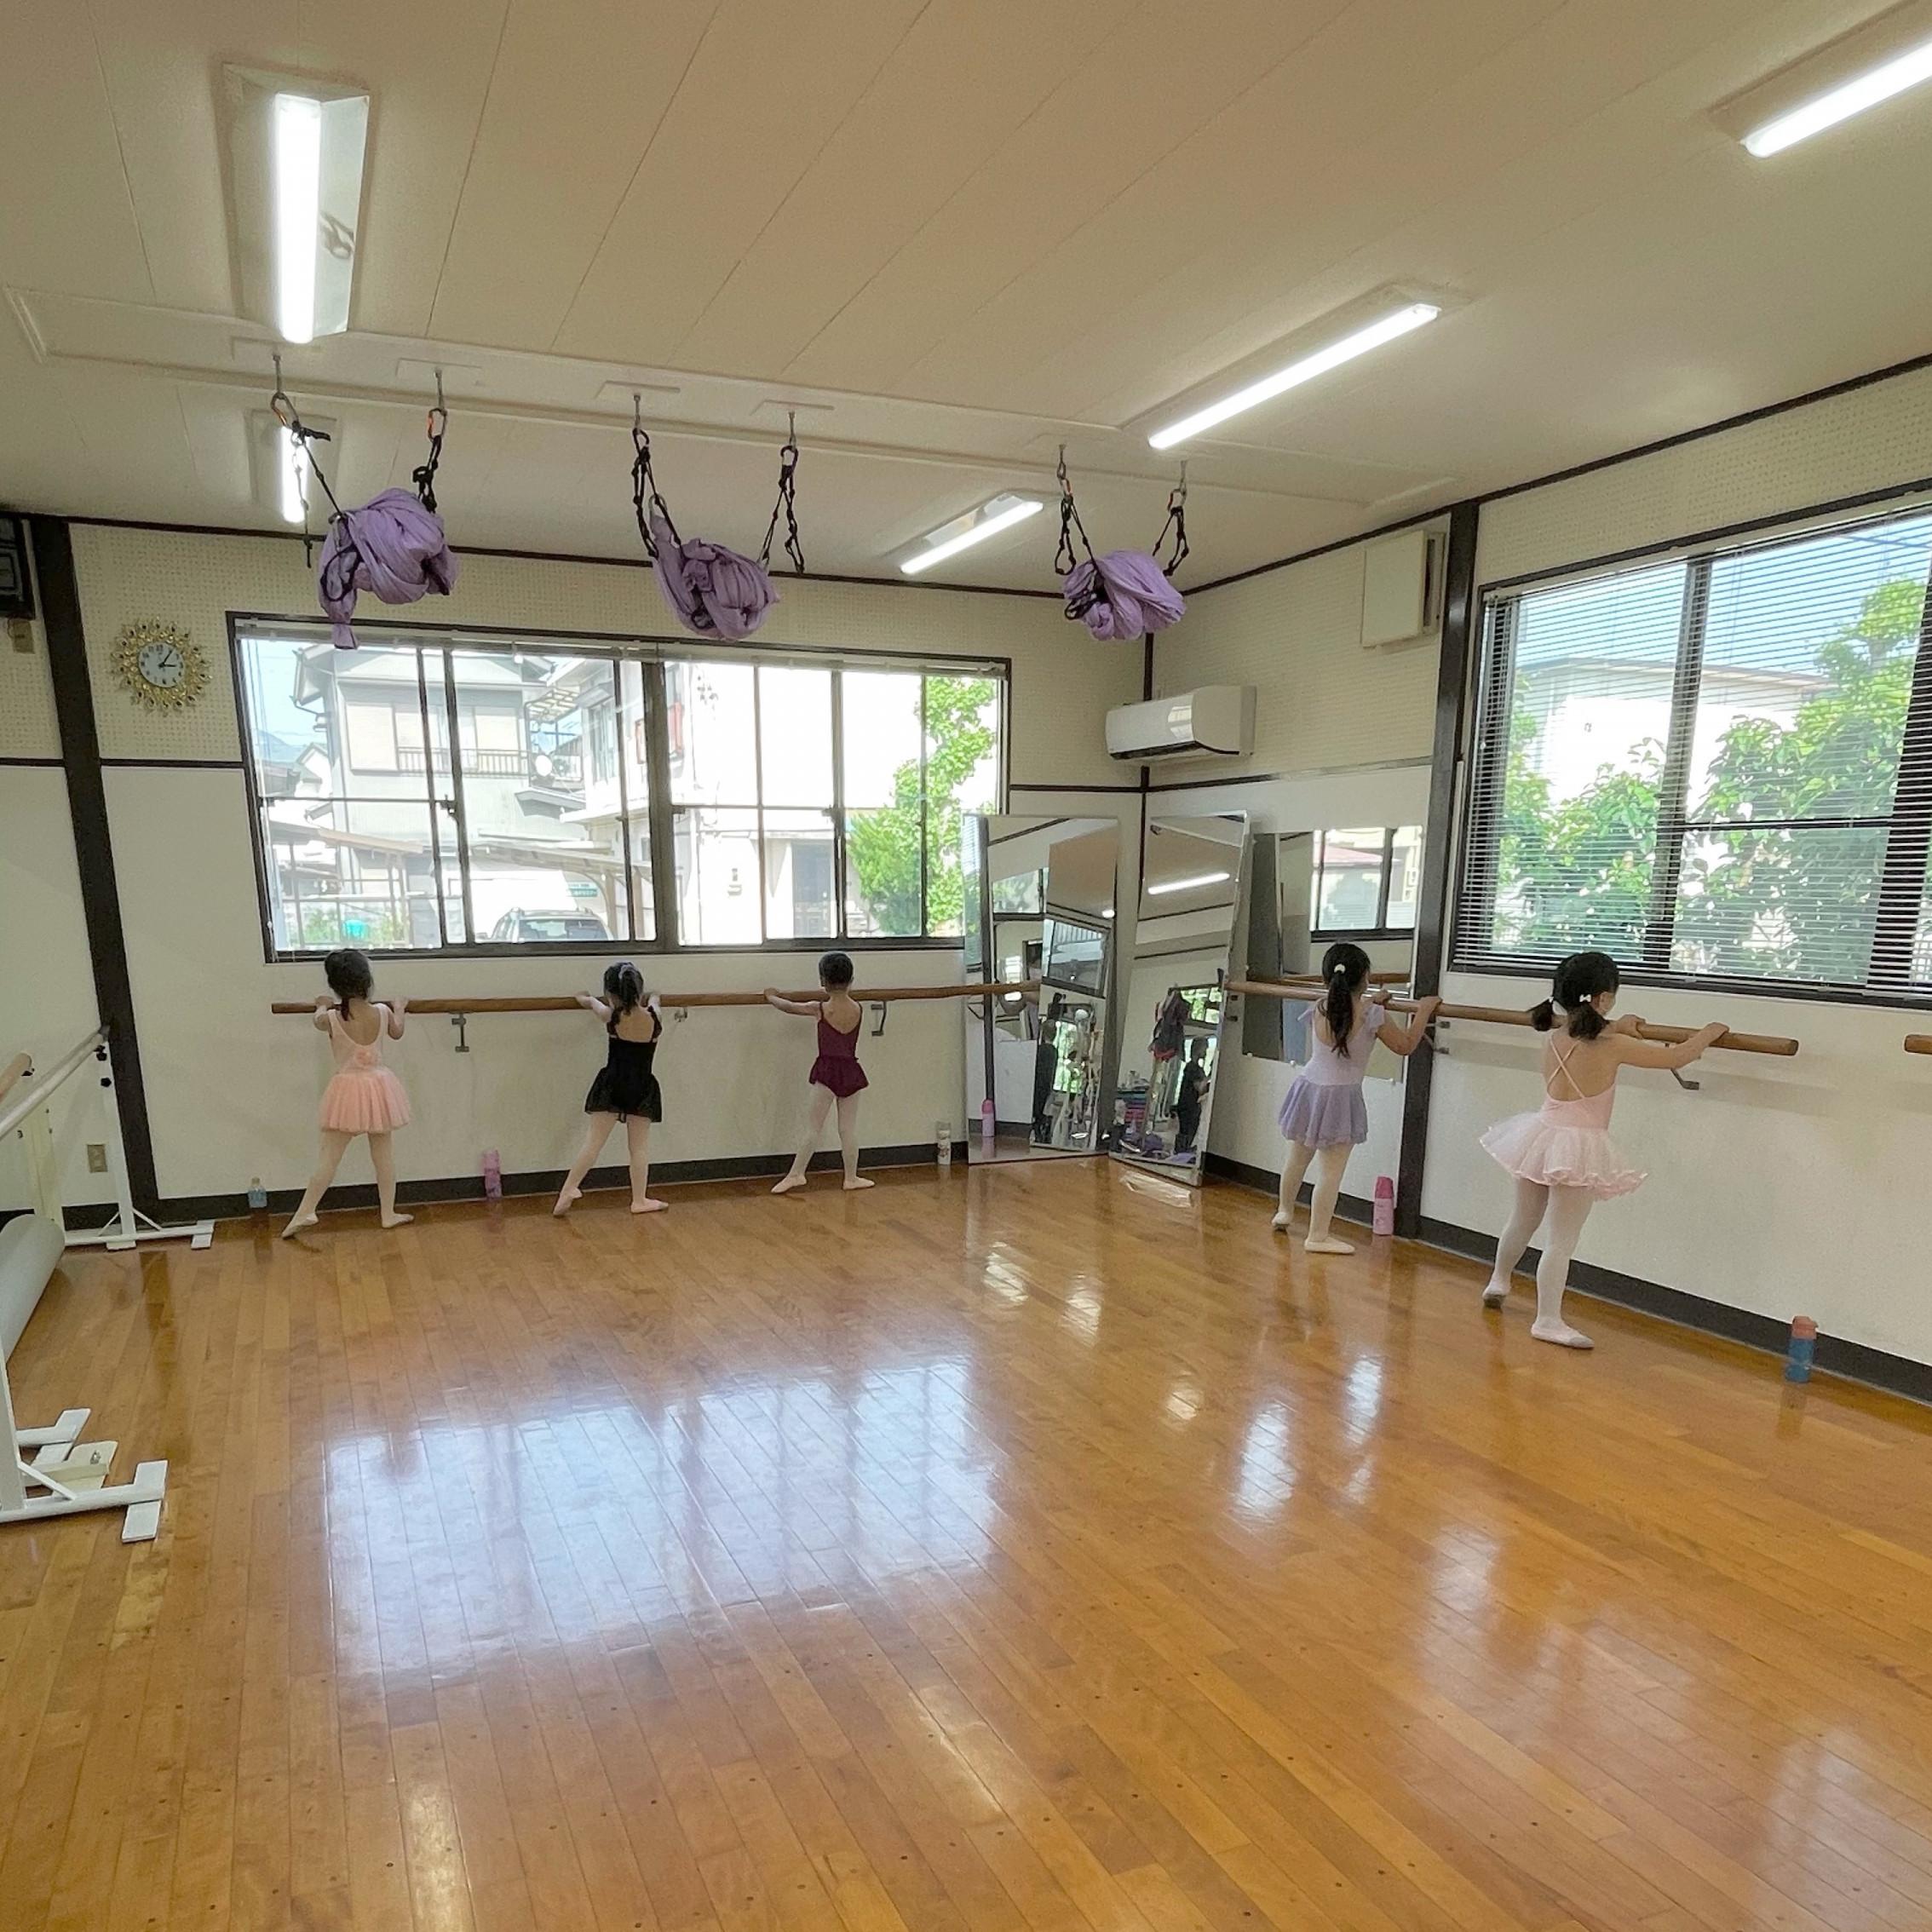 日曜日バレエジュニアクラス